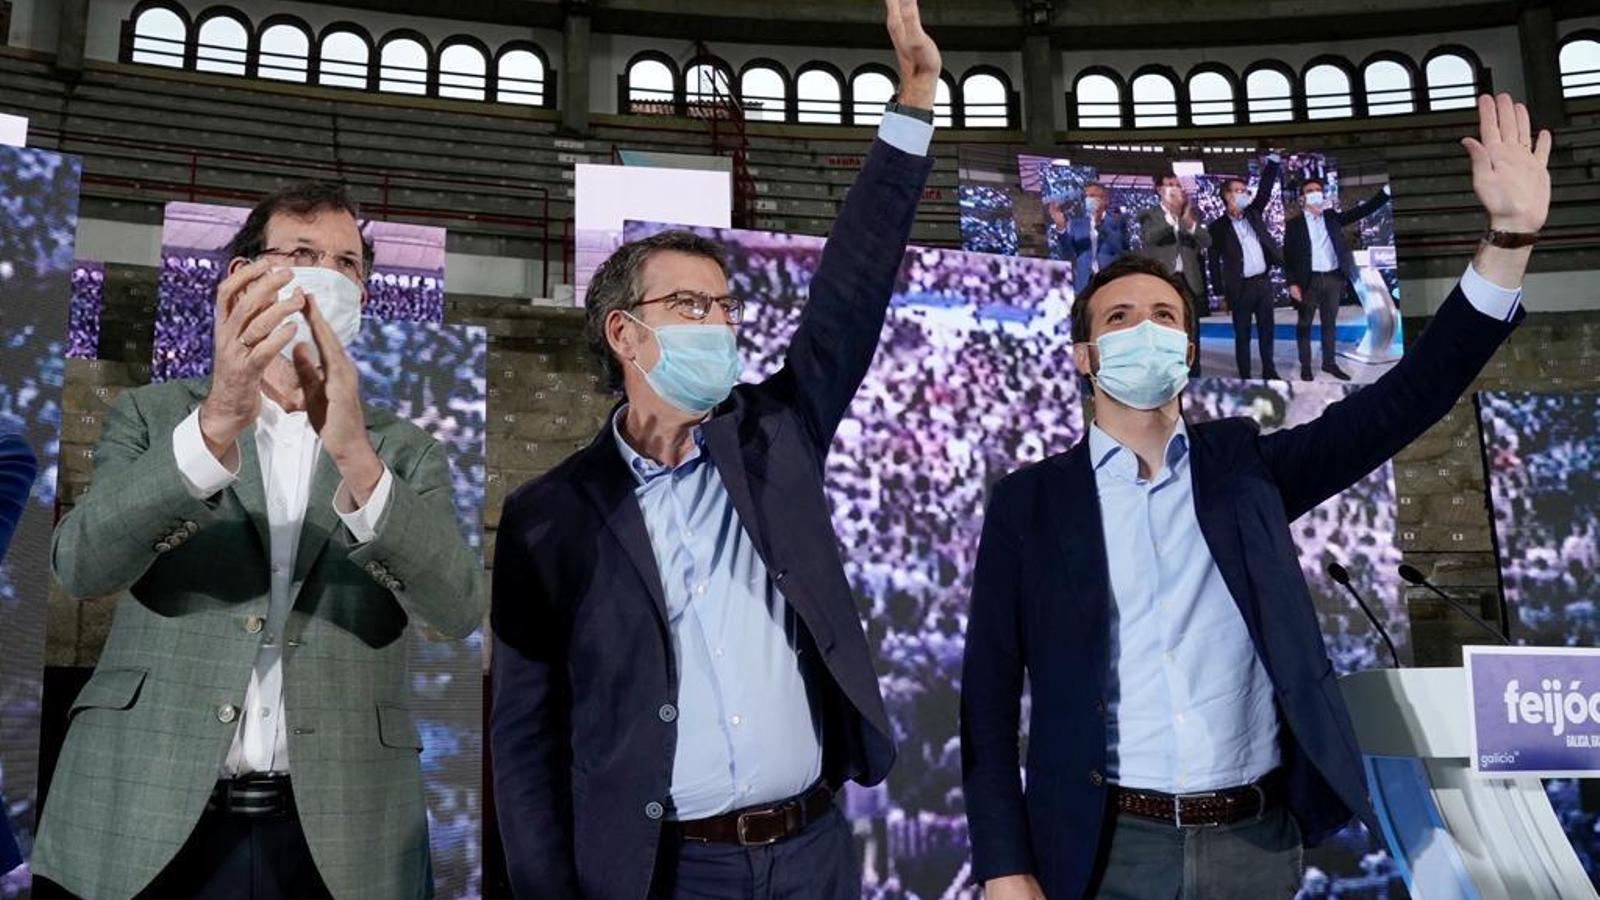 Mariano Rajoy, Alberto Núñez Feijóo i Pablo Casado en un acte de la campanya electoral del PP gallec a Pontevedra